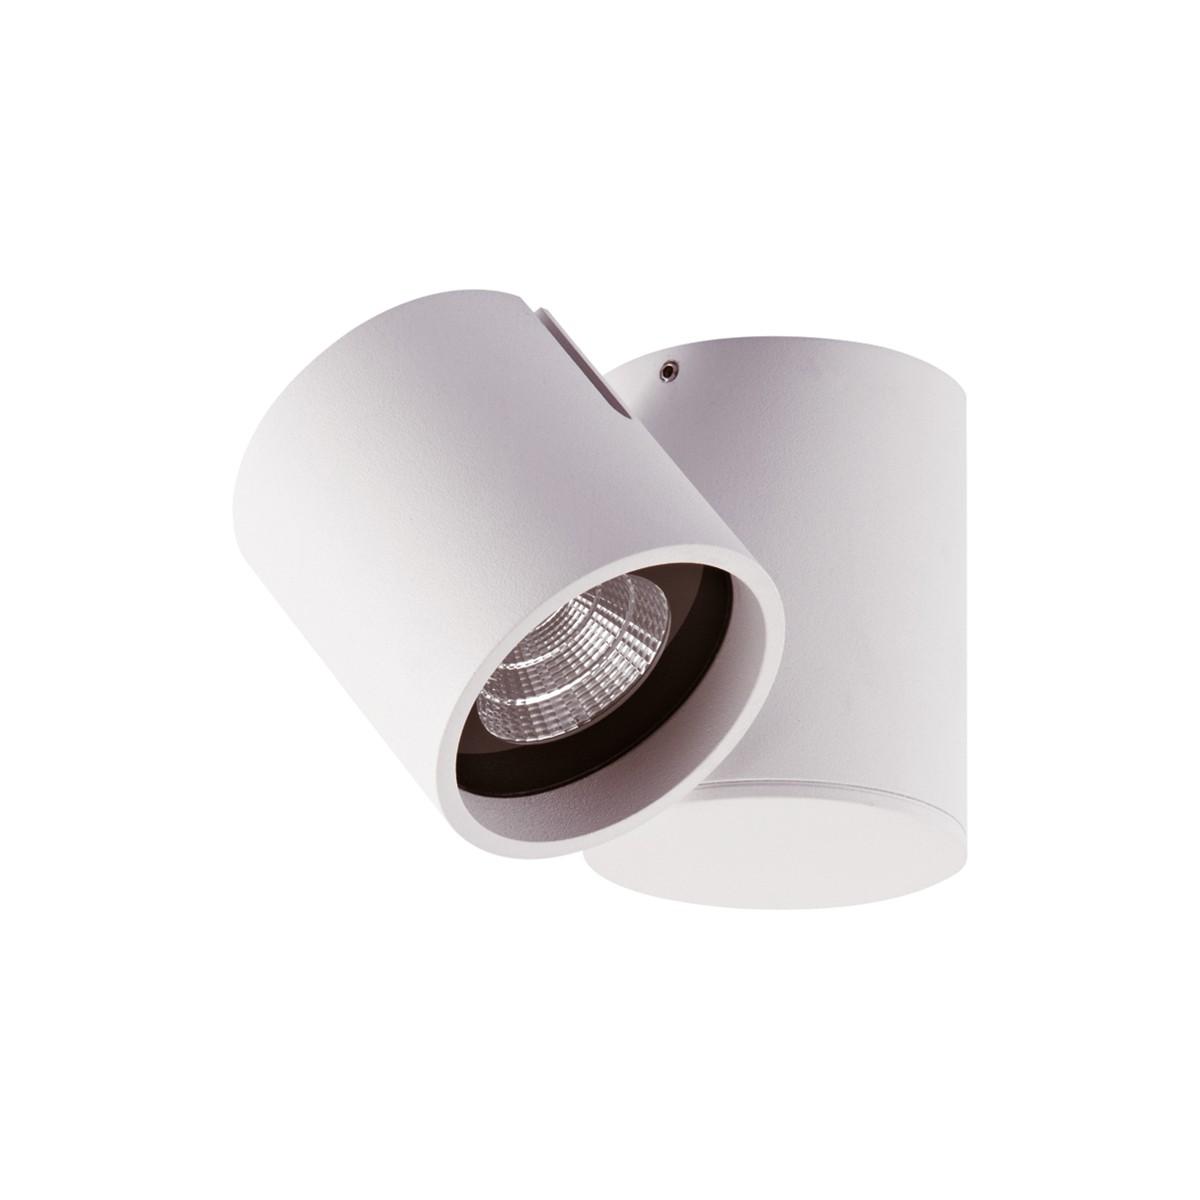 MyLight Mayen LED Deckenleuchte, weiß